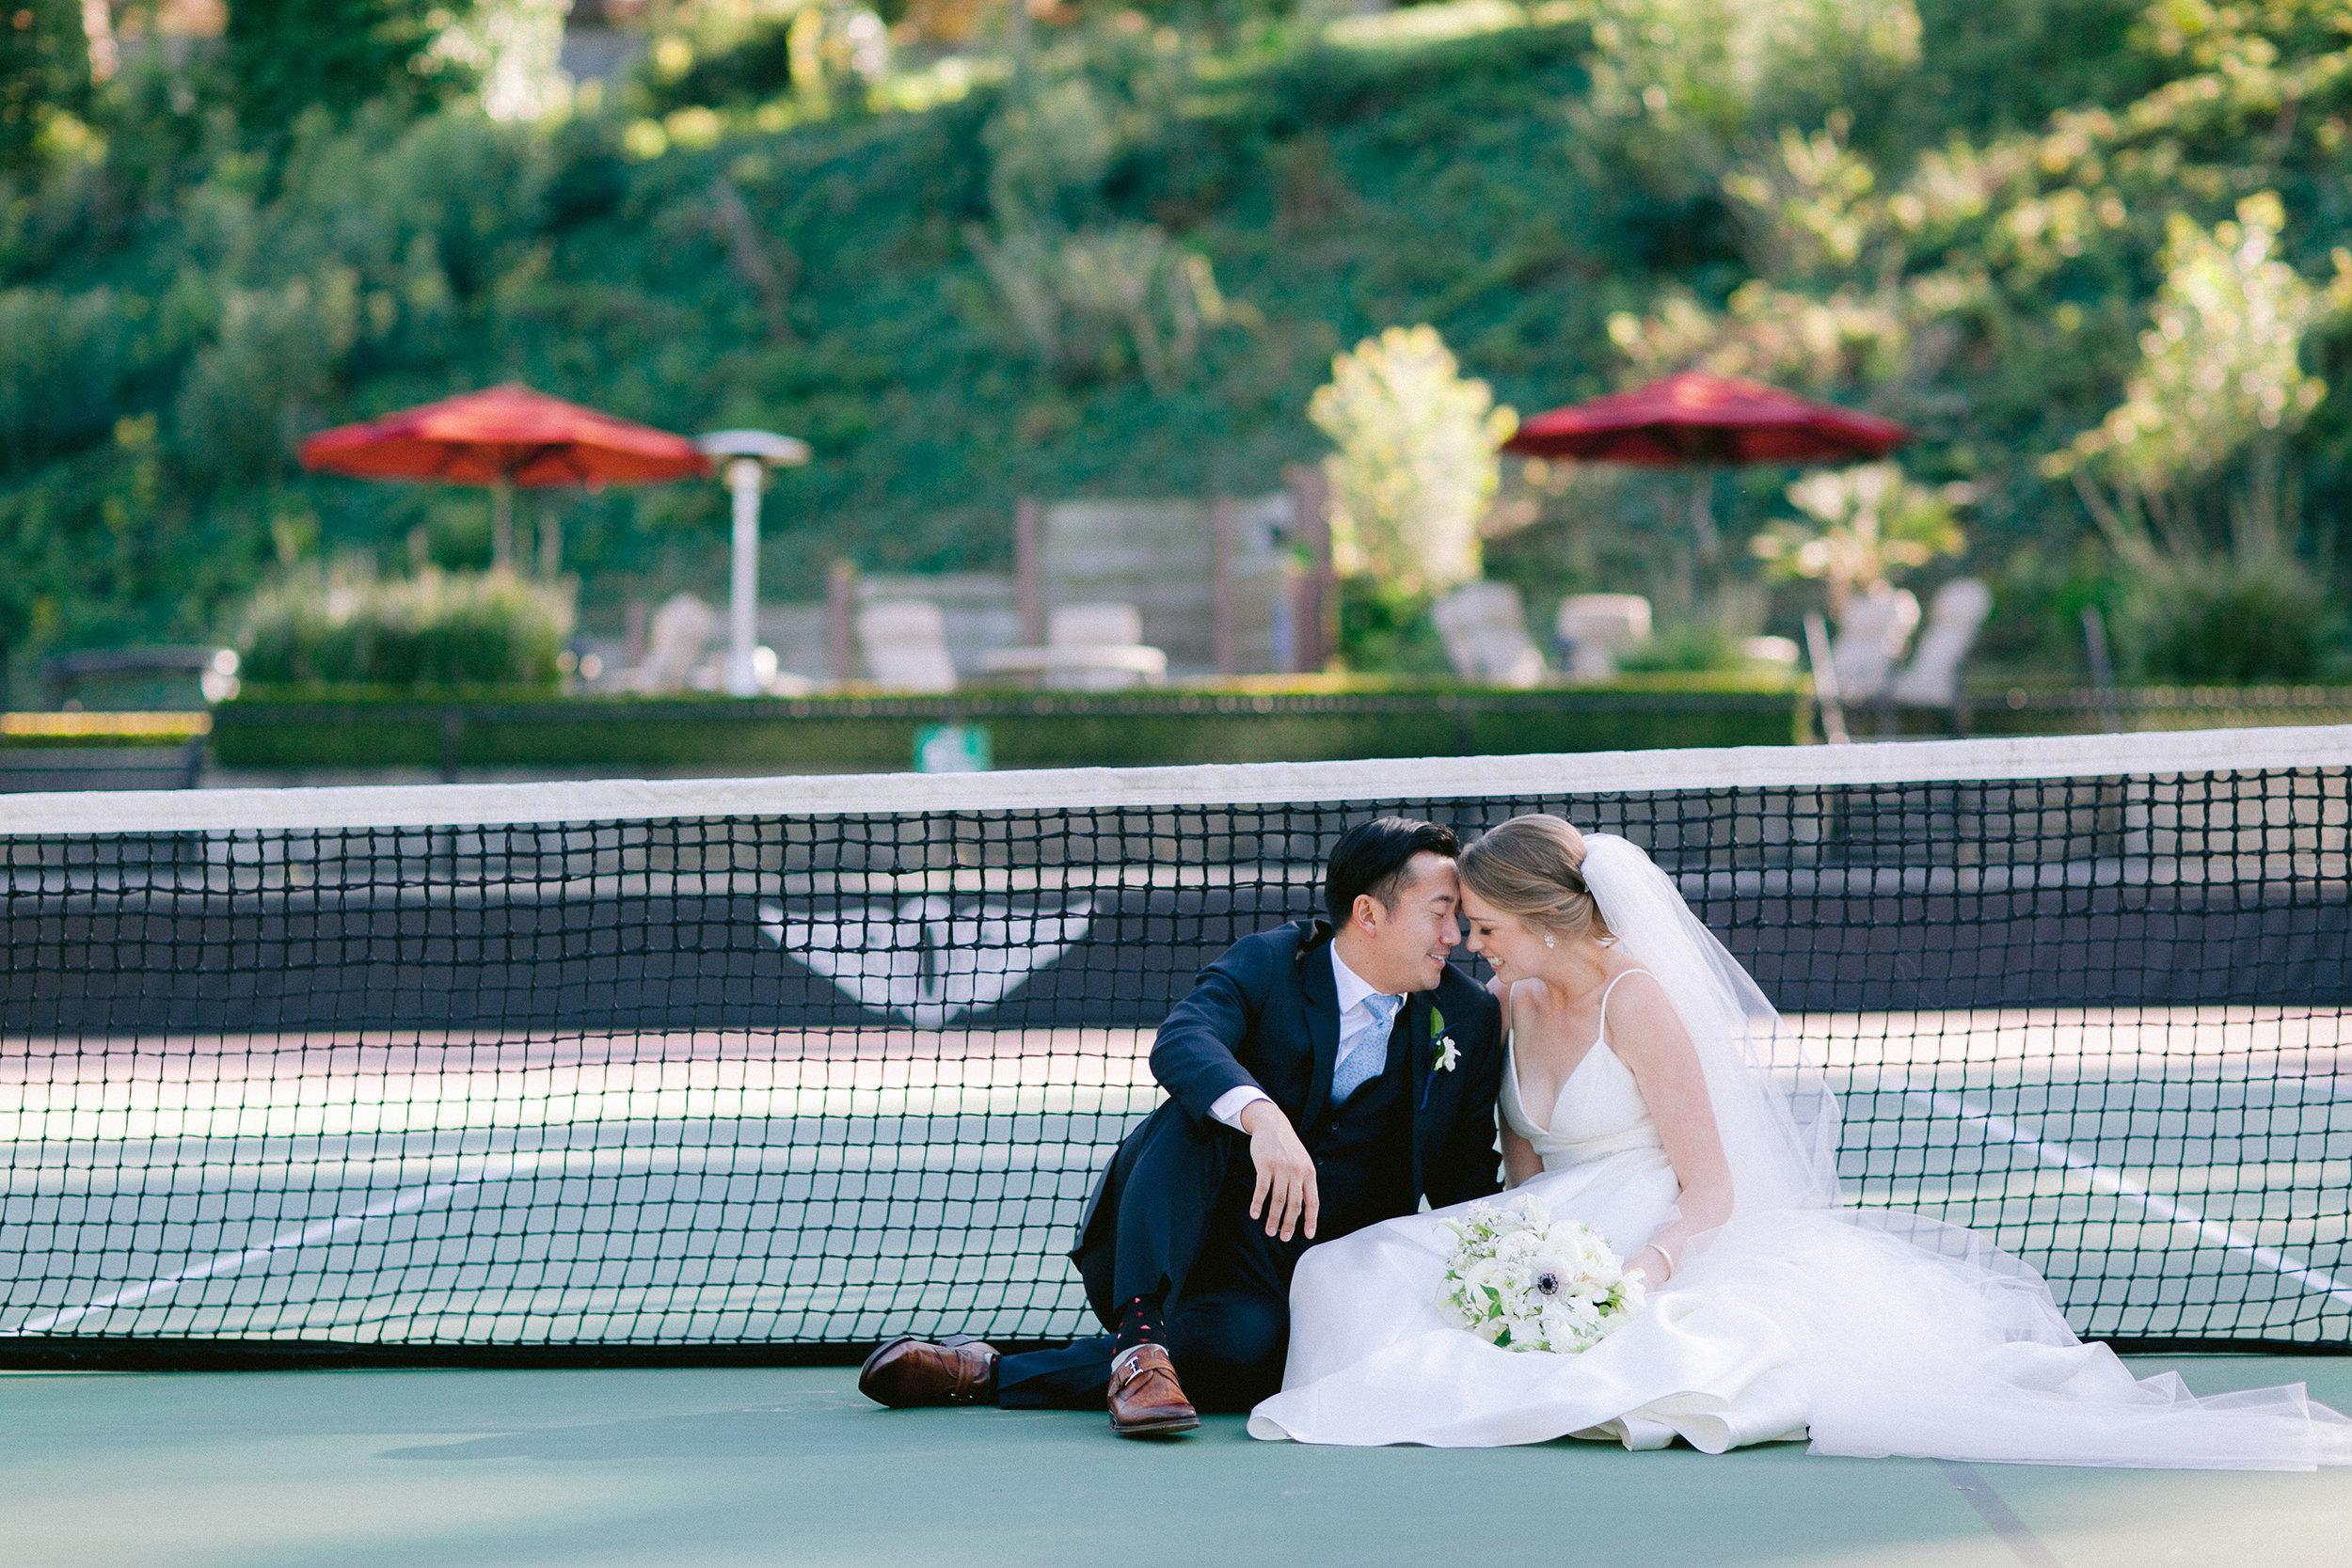 The_Olympic_Club_Wedding_020.jpg